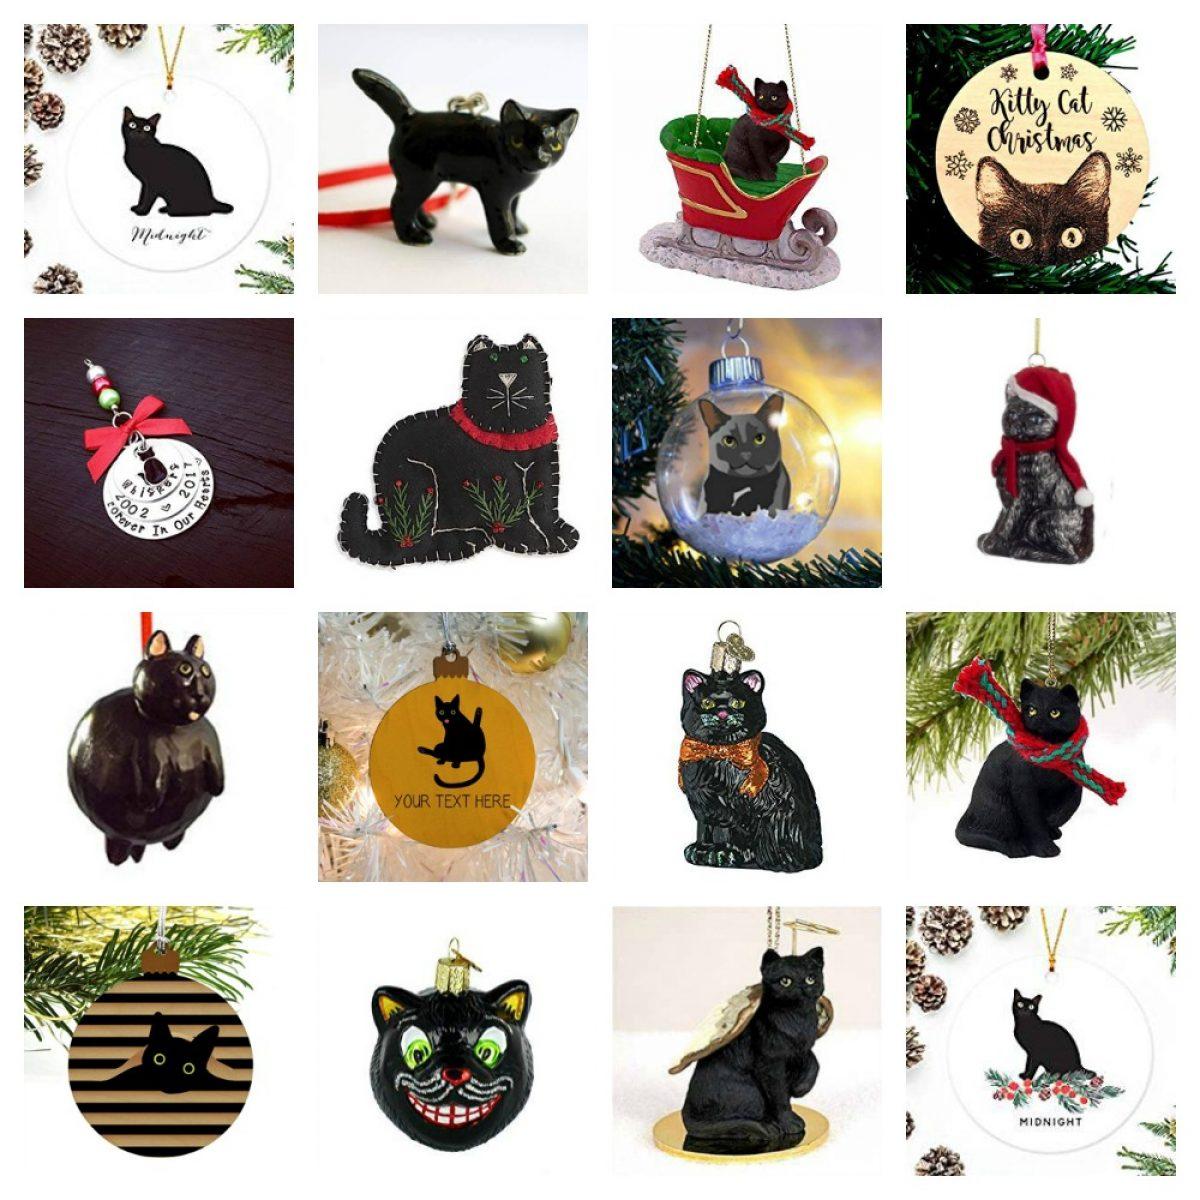 Custom Felt Cat Ornament Small Ornaments Home & Living tbts.com.mx